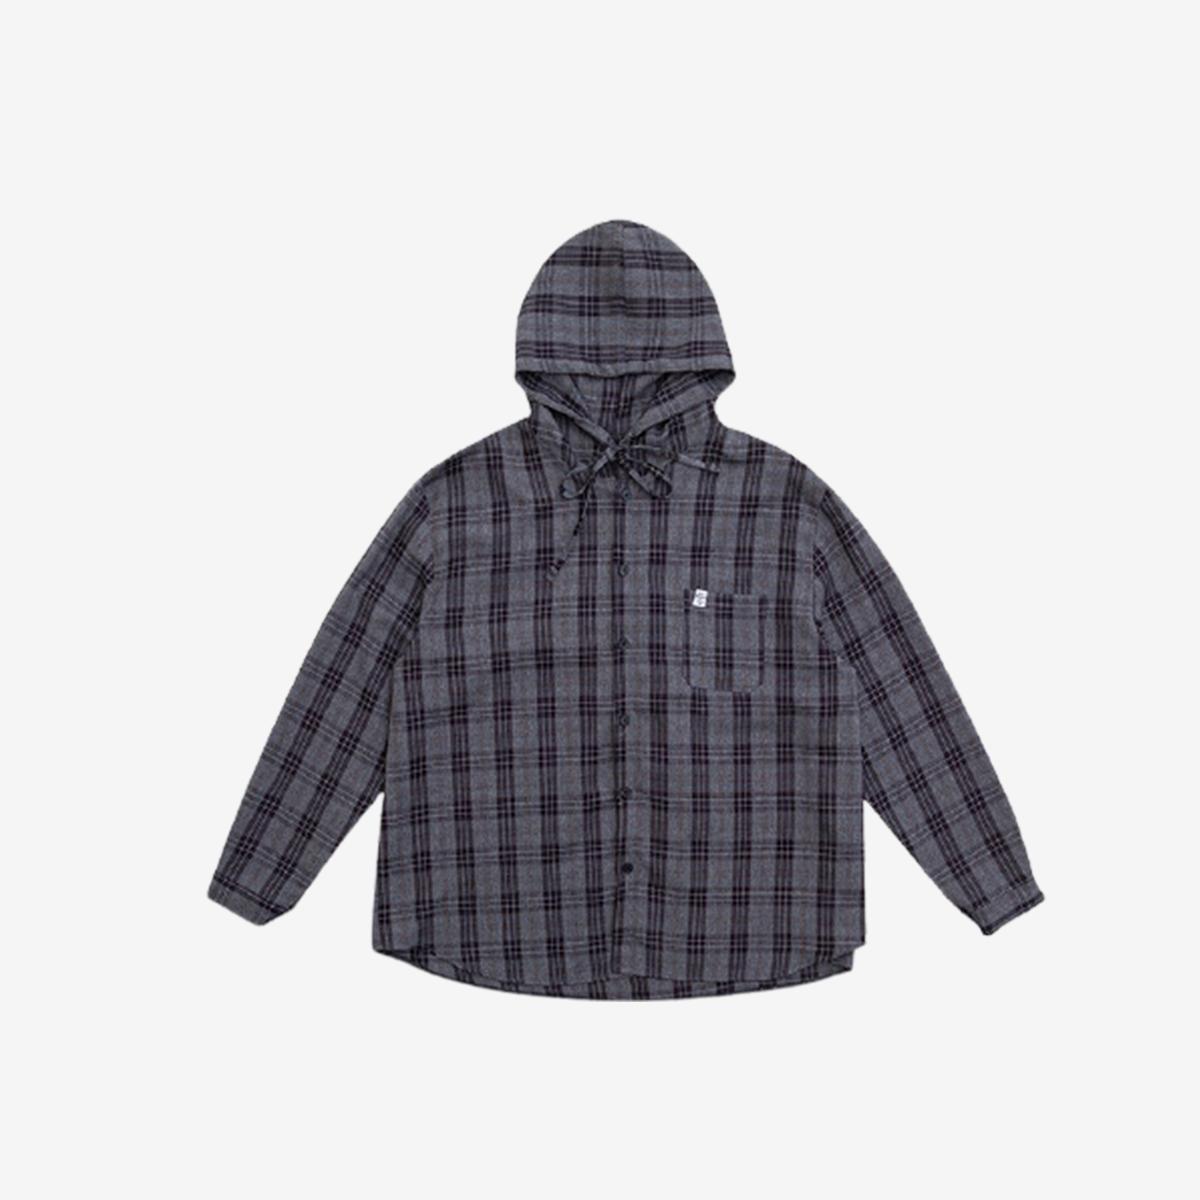 寬鬆連帽格紋襯衫(黑色)